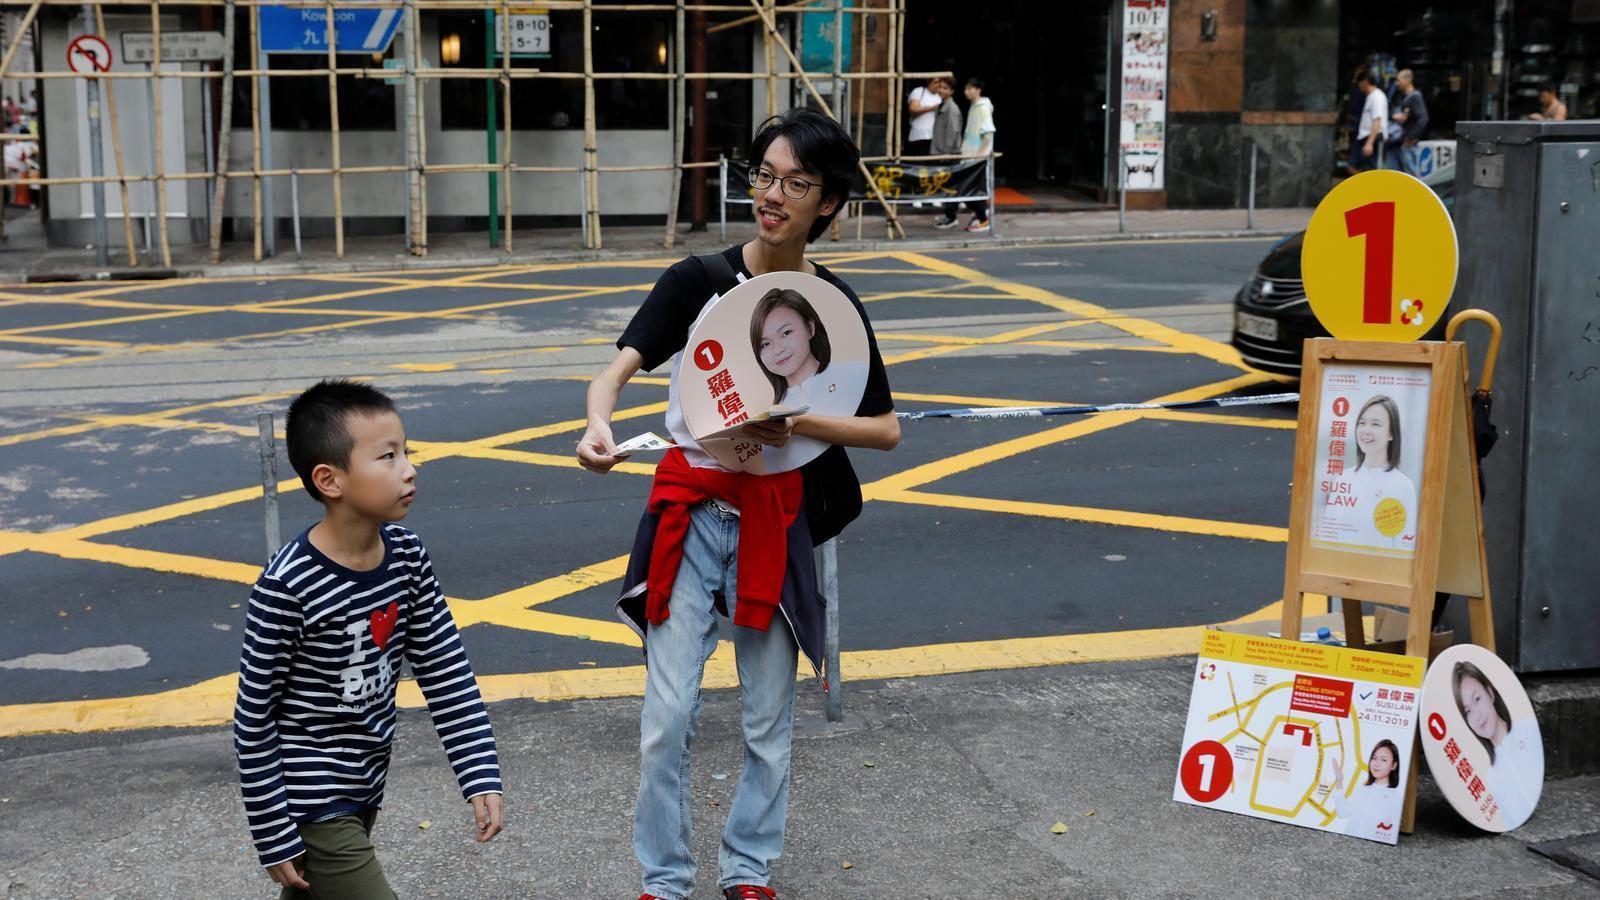 El moviment pro democràcia es posa a prova a les eleccions locals de Hong Kong